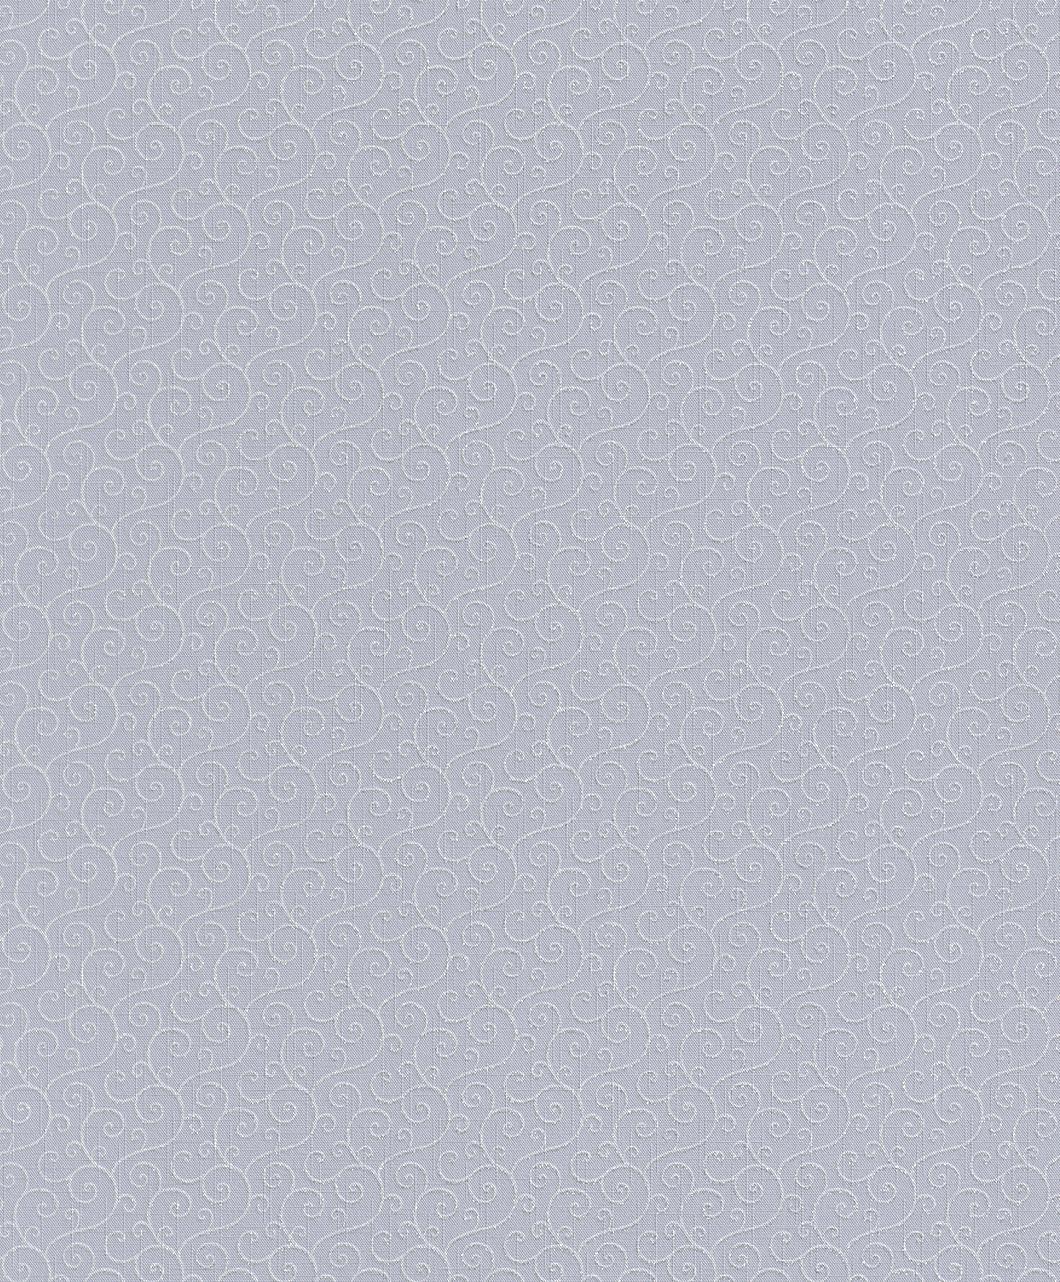 Tapeta na zeď Rasch Shiny Chic 423815 | 0,53x10,05m (Vliesové tapety - šedá, stříbrná)